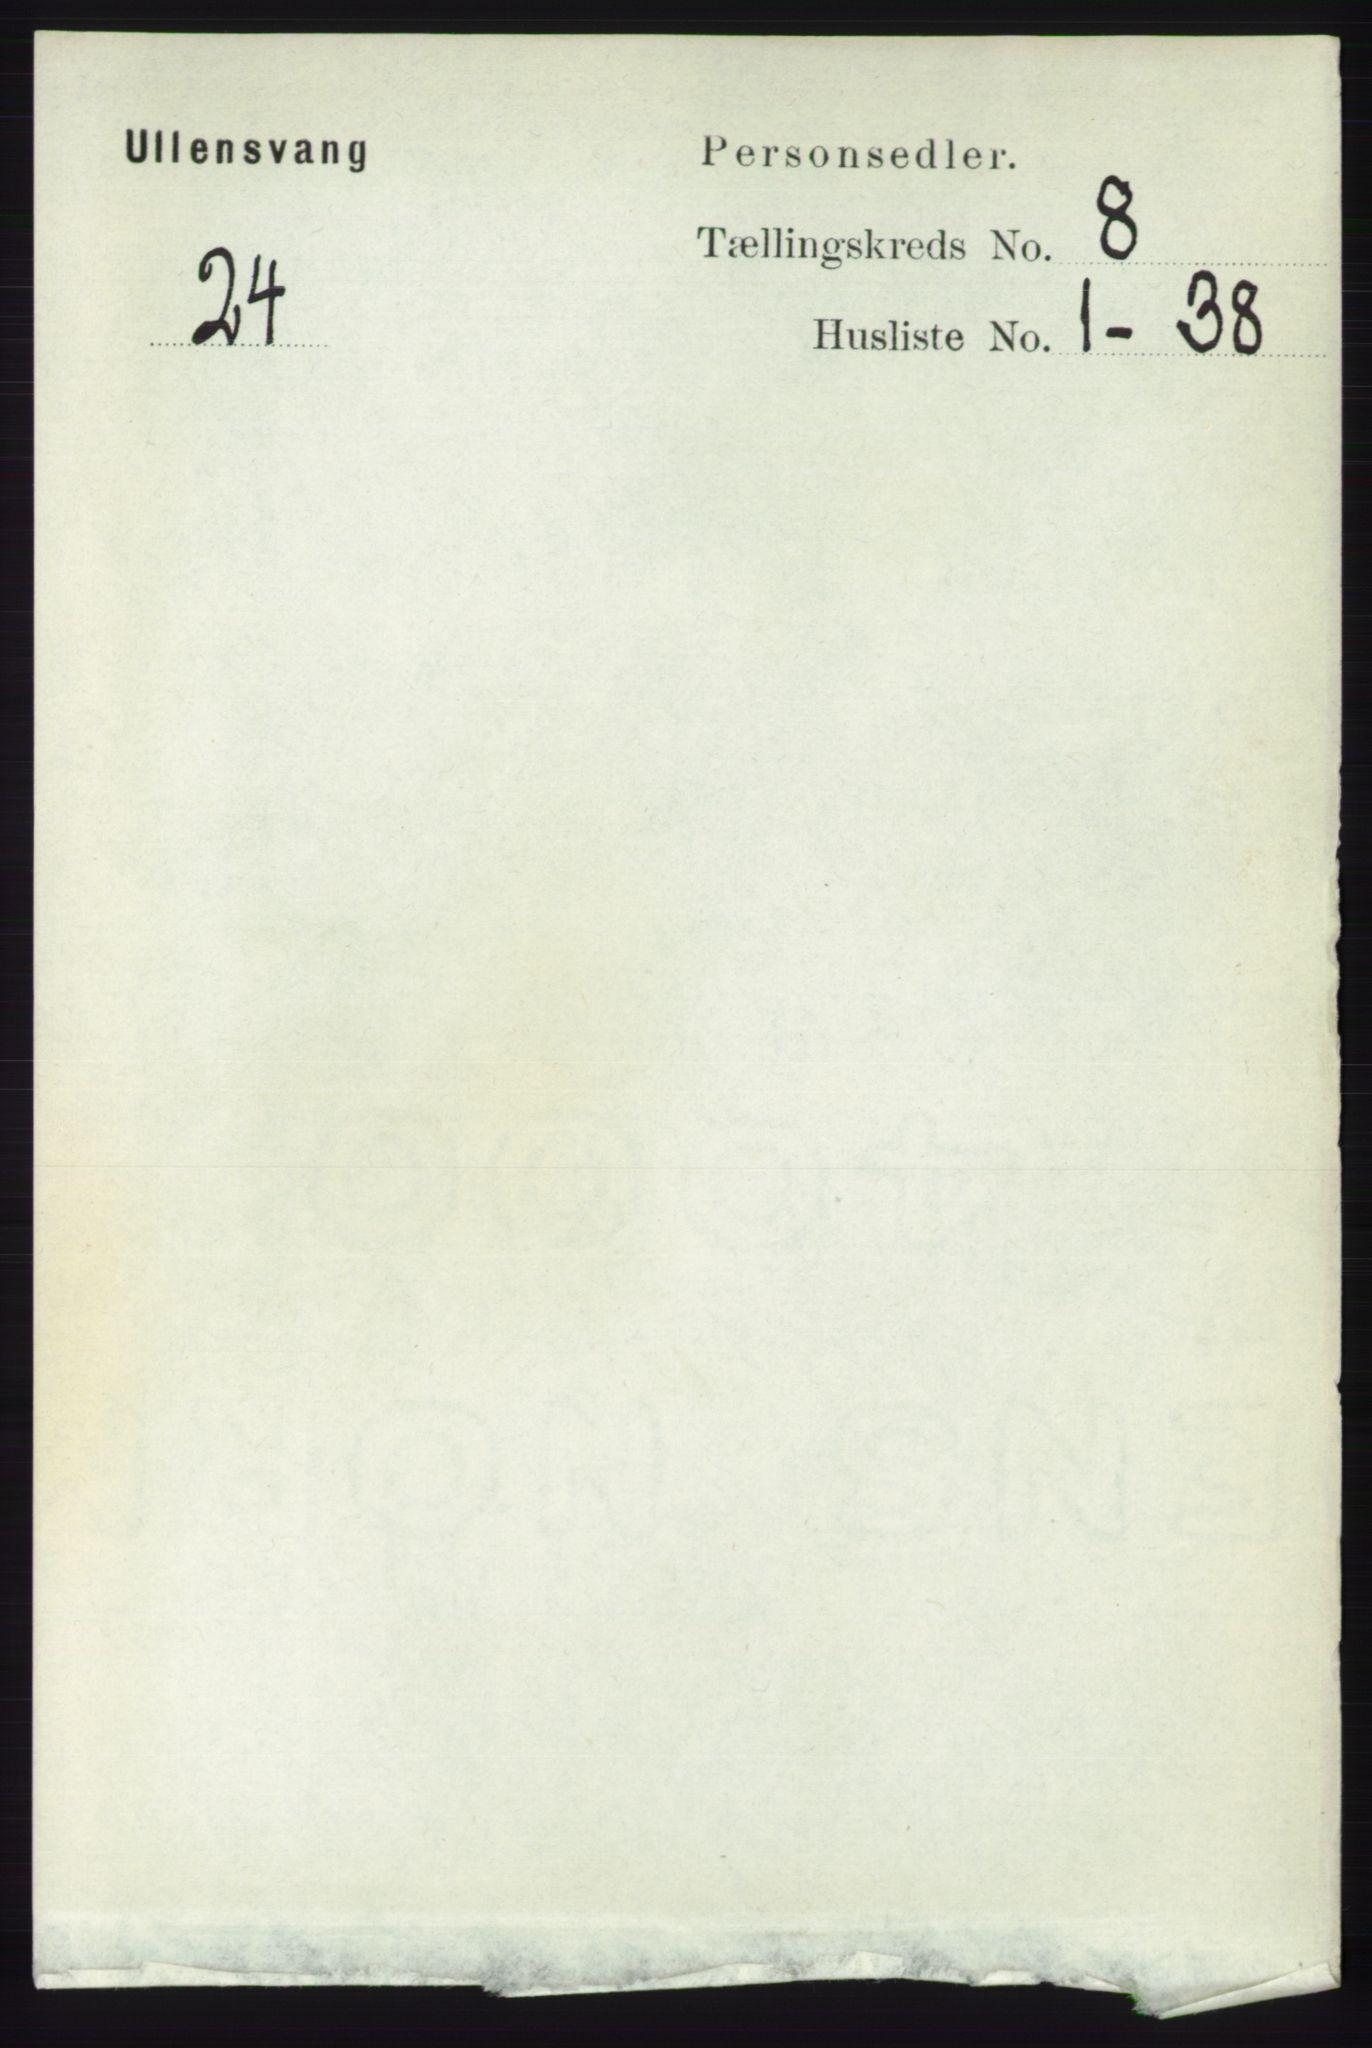 RA, Folketelling 1891 for 1230 Ullensvang herred, 1891, s. 2714